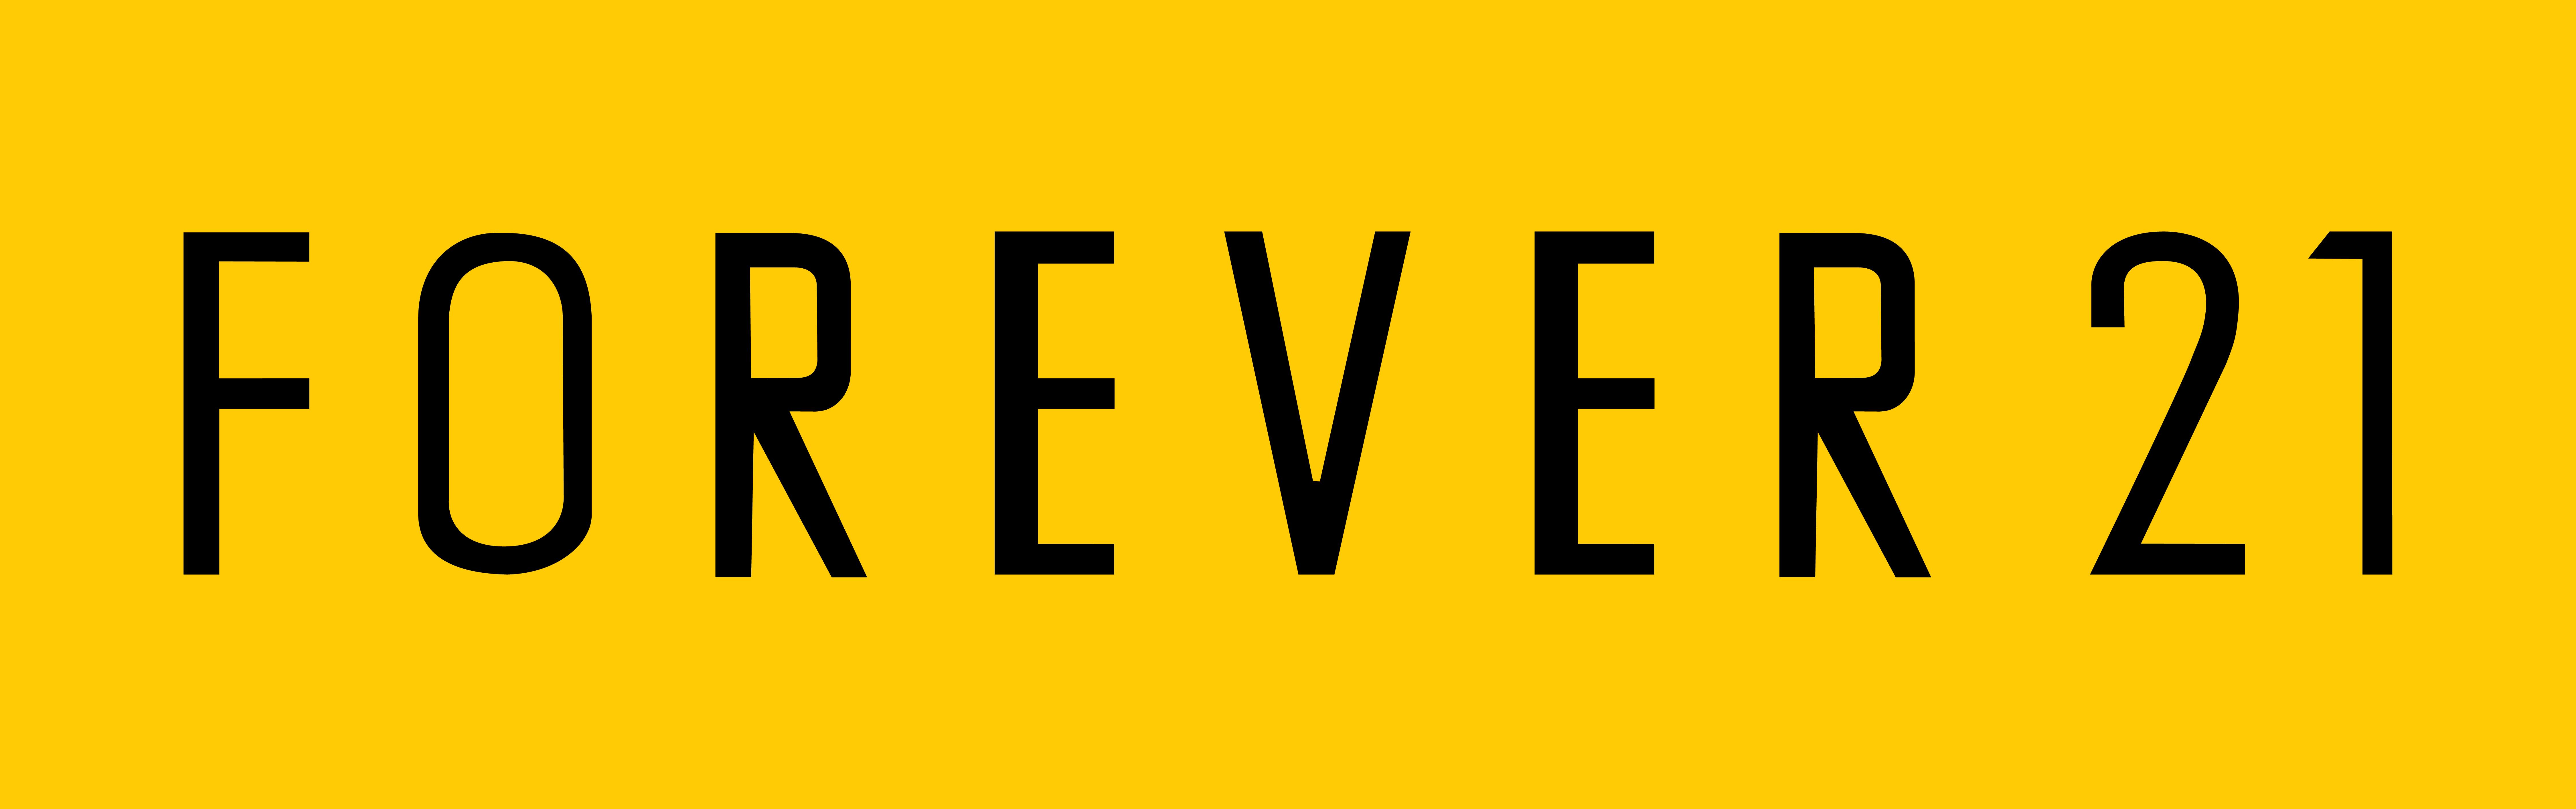 Forever 21 Logo PNG Transparent Forever 21 Logo.PNG Images..